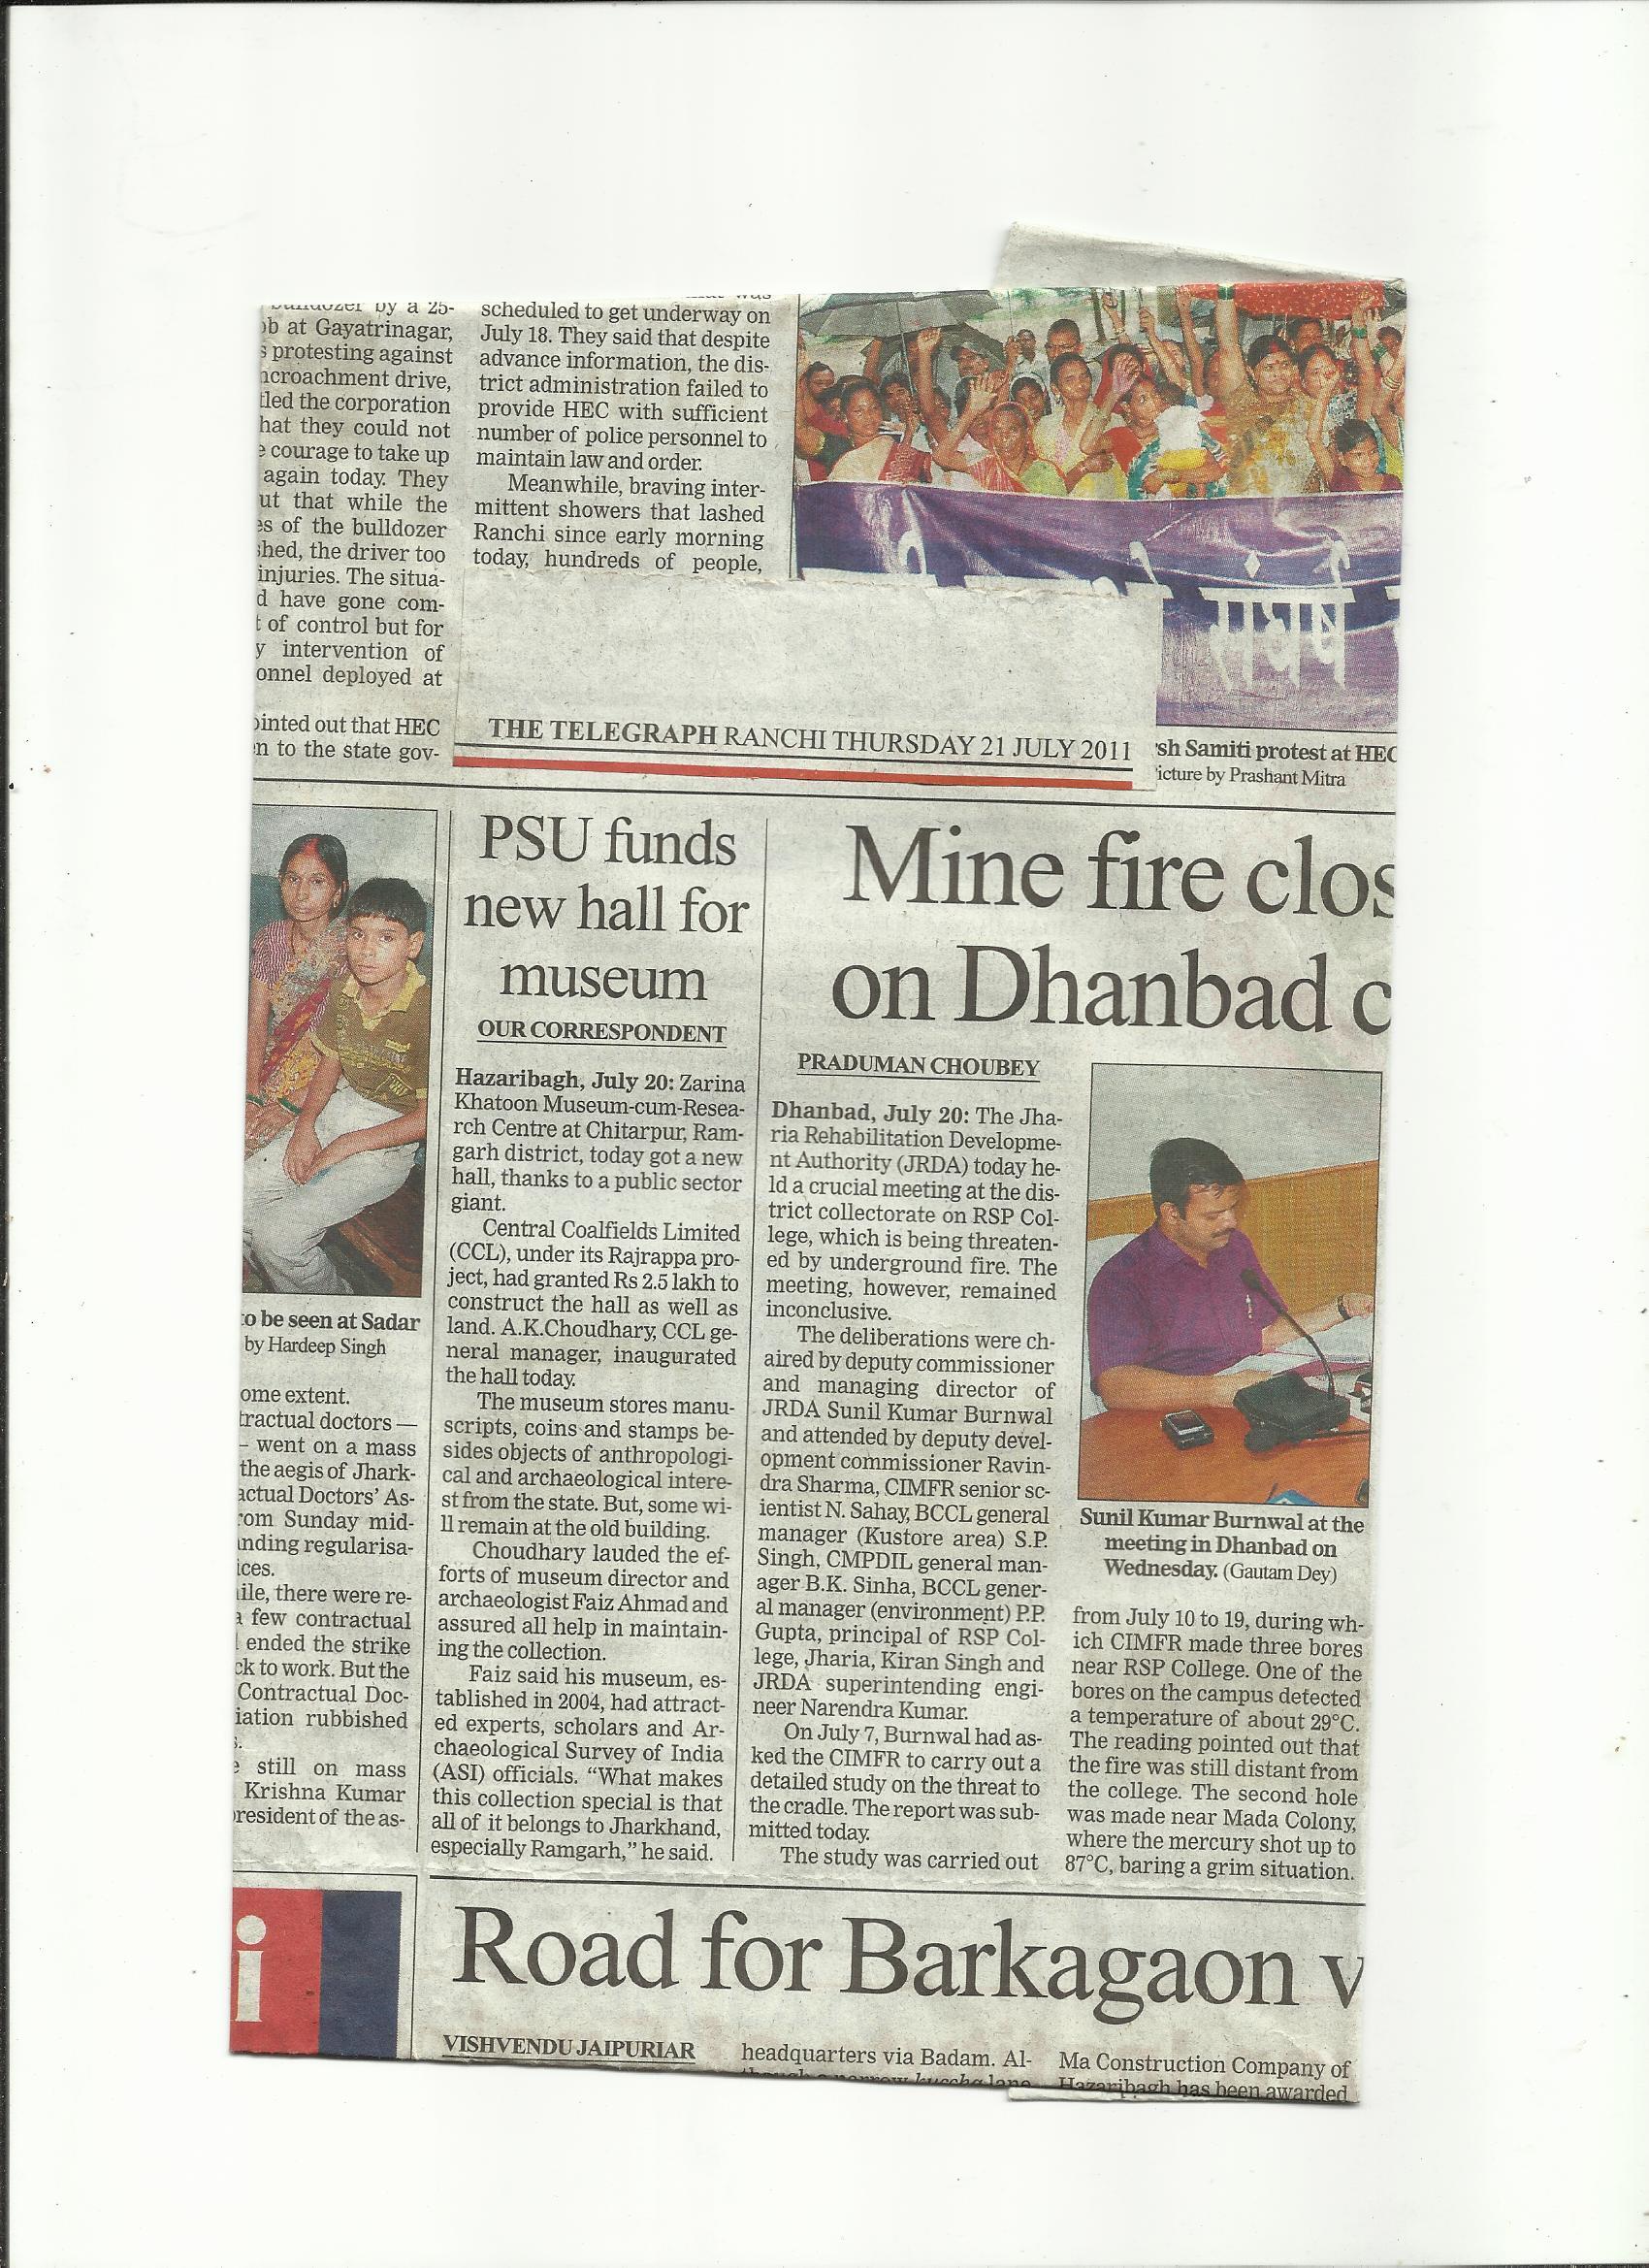 TG 21 JULY 2011 P 18